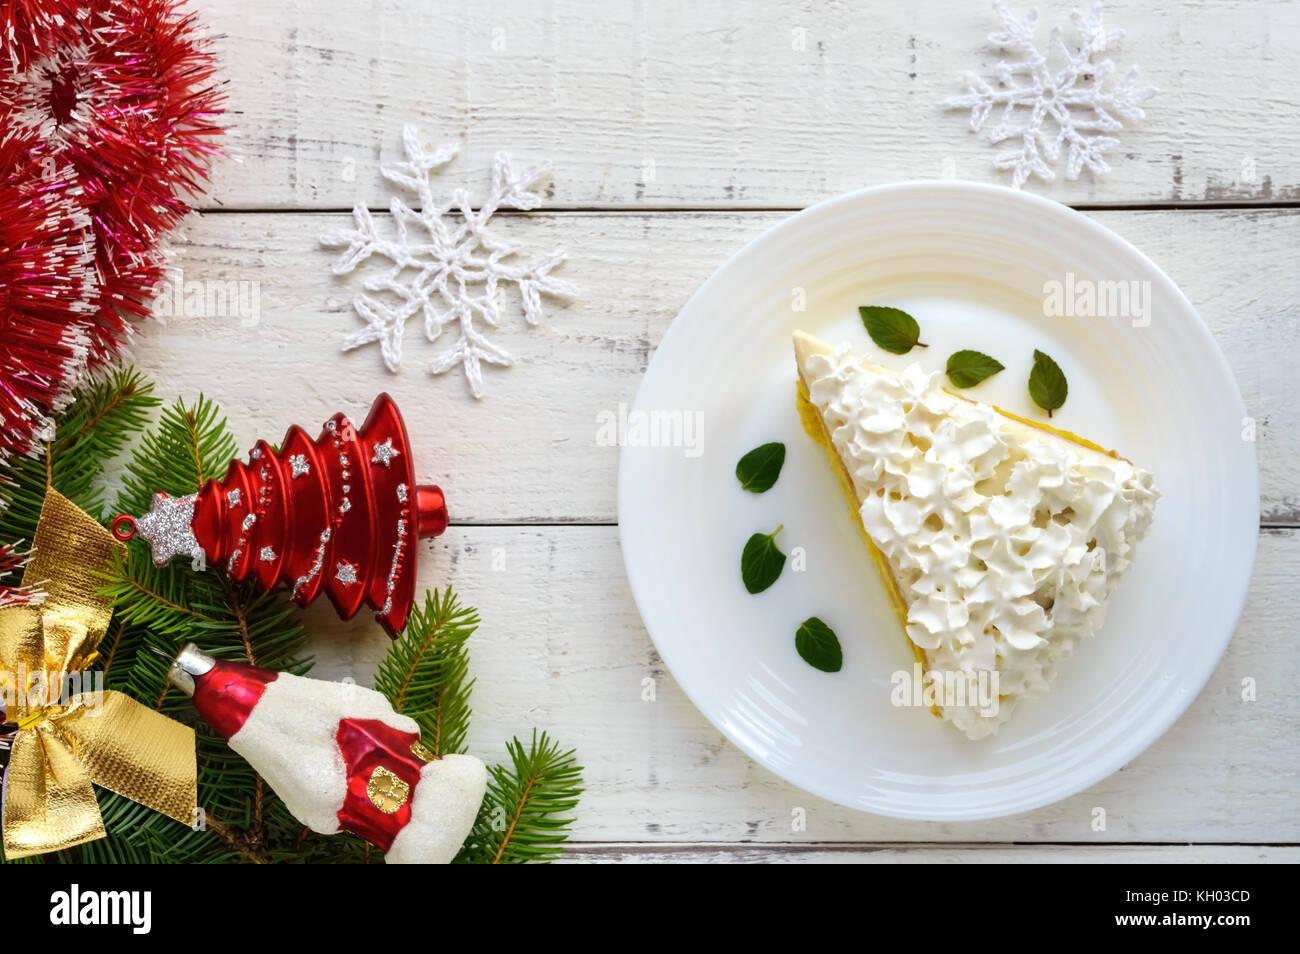 Ein großes Stück feine Kuchen dekorieren Luft Creme. festliches Dessert auf weißem Hintergrund. Weihnachten, Stockbild